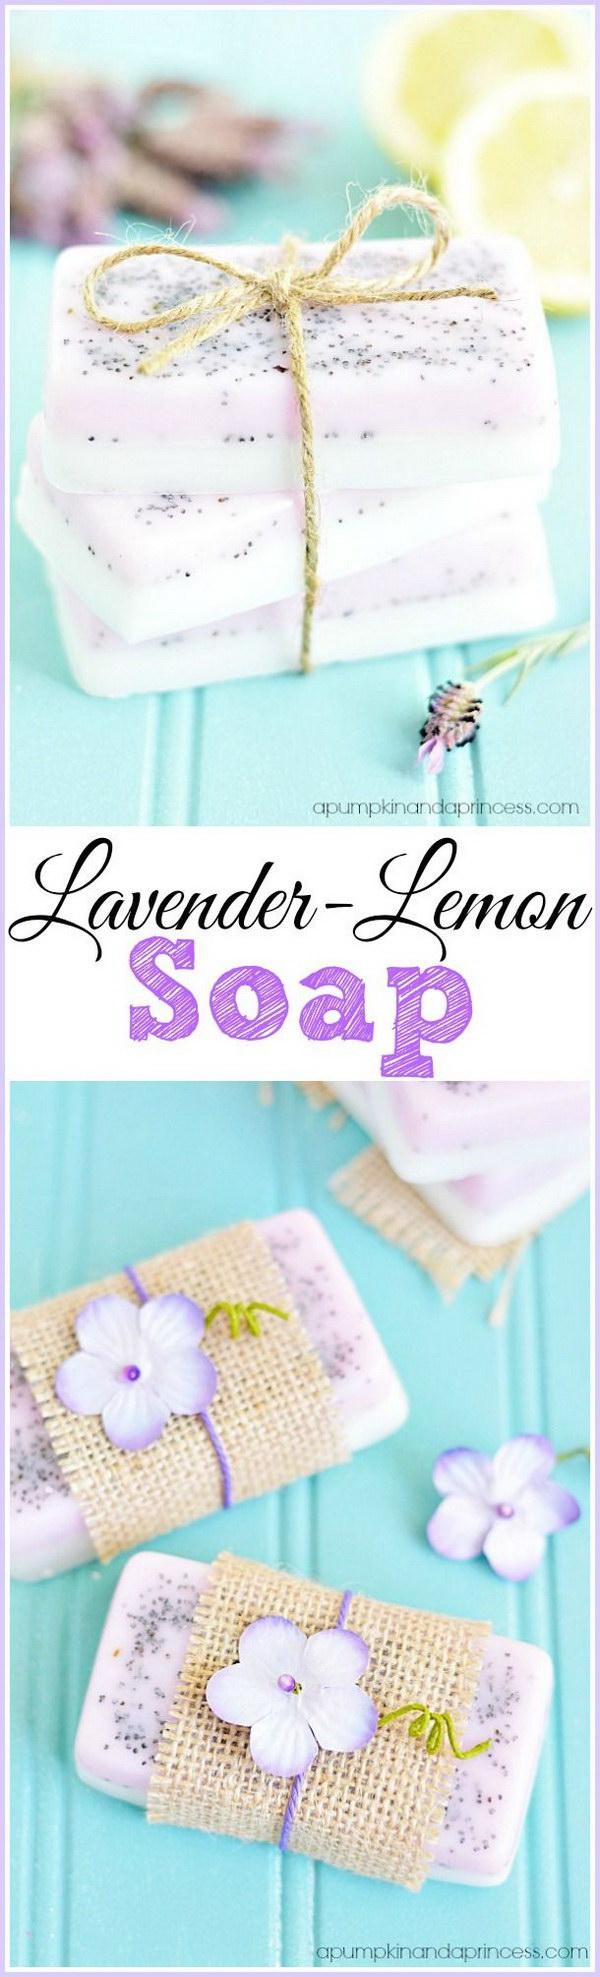 10 Homemade Lavender Lemon Soap